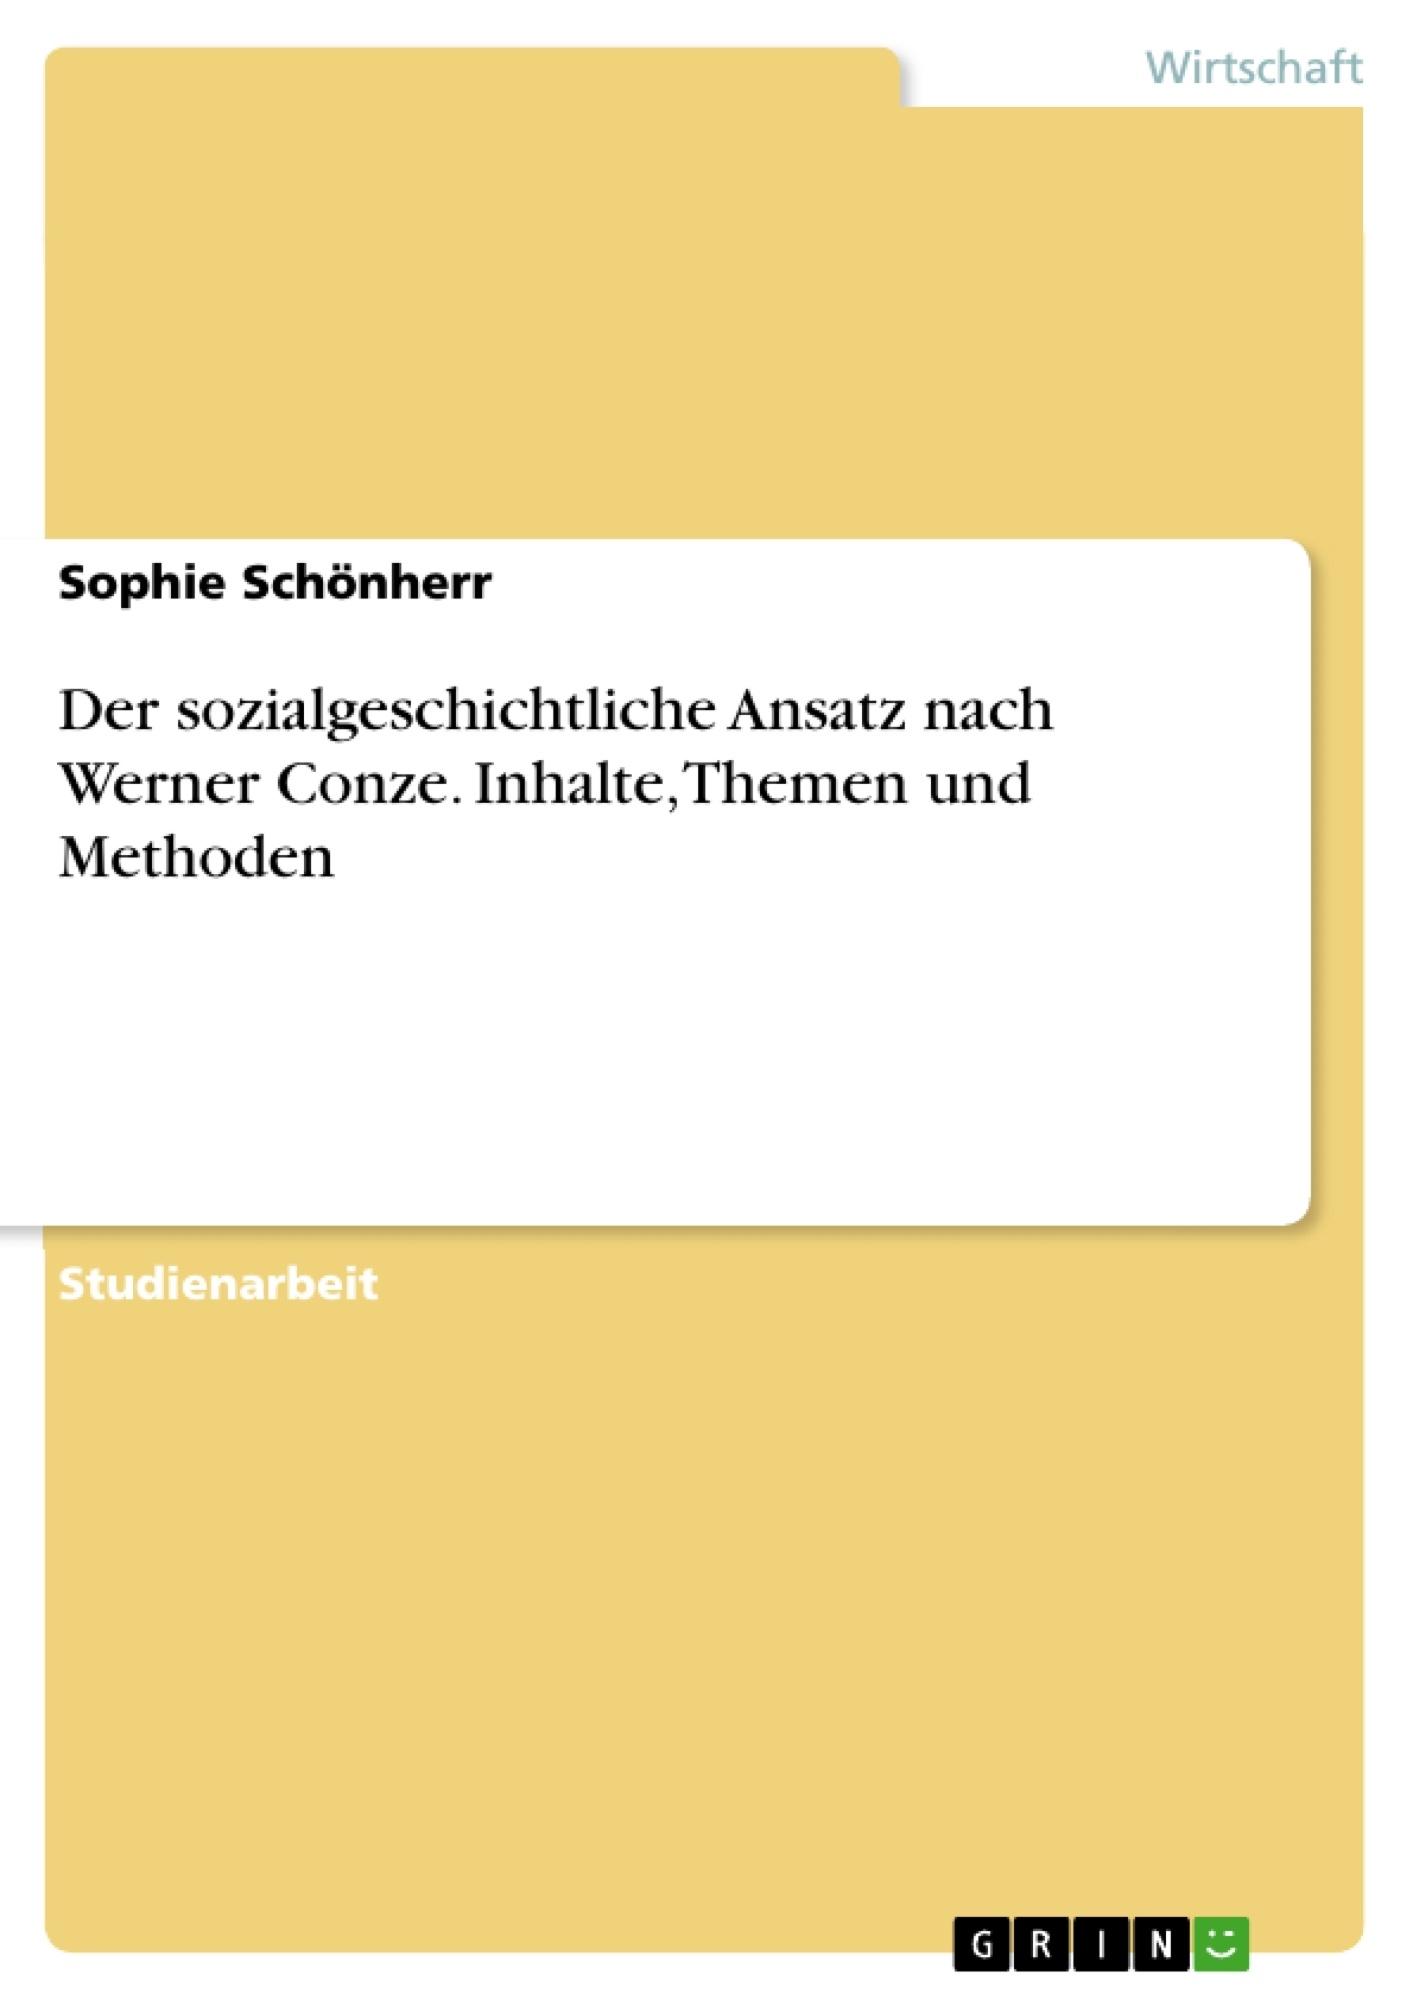 Titel: Der sozialgeschichtliche Ansatz nach Werner Conze. Inhalte, Themen und Methoden